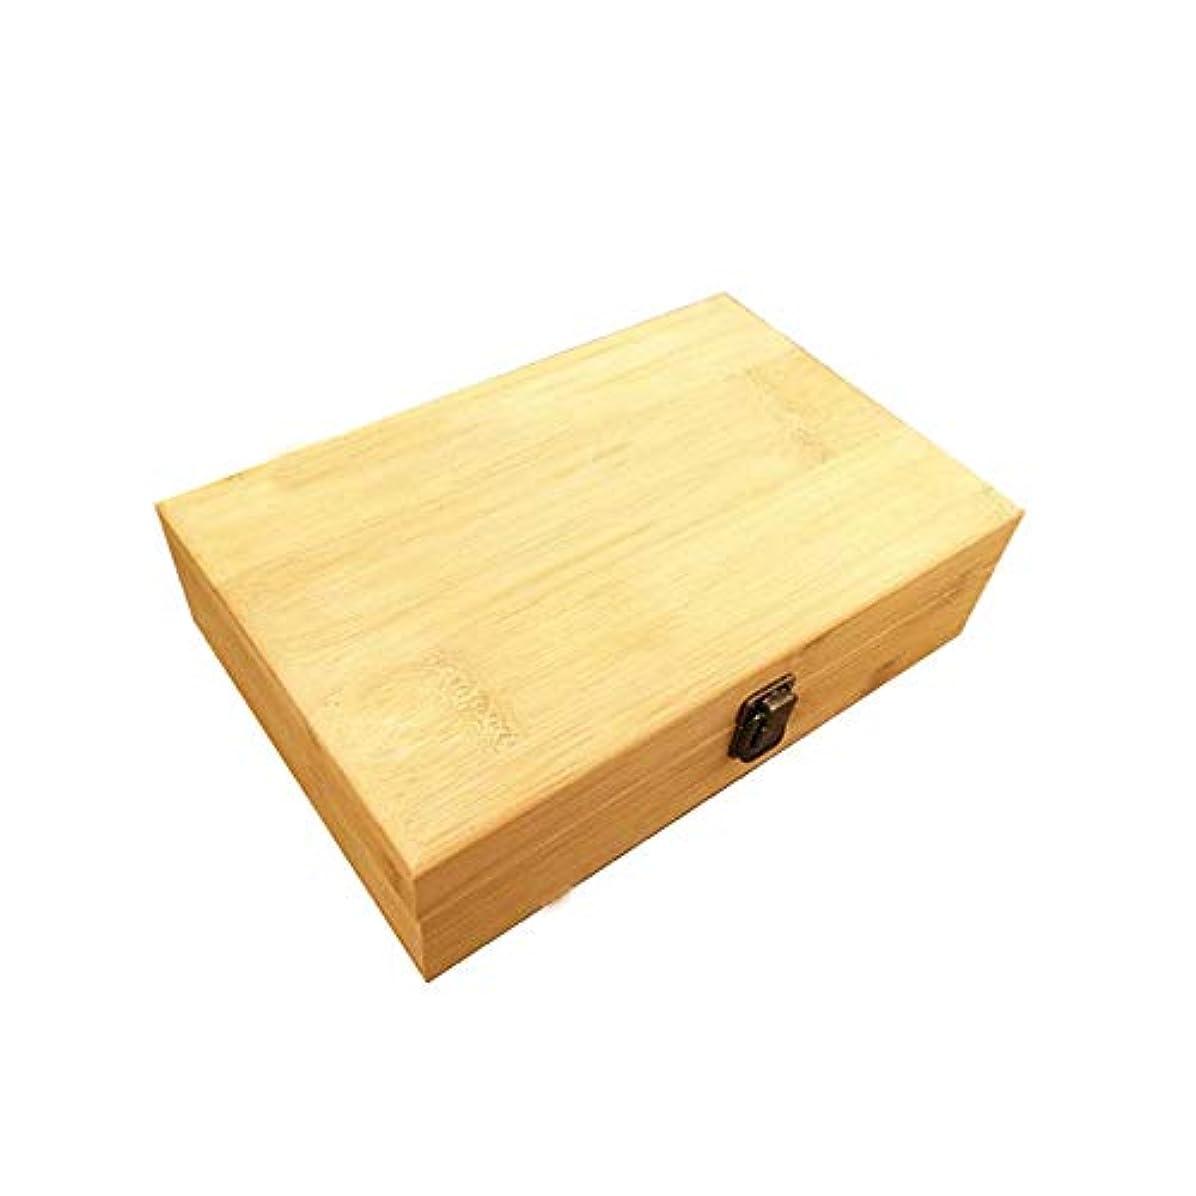 復活ランデブー強調するエッセンシャルオイル収納ボックス 40スロットエッセンシャルオイルボックス木製収納ケースは、40本のボトルエッセンシャルオイルスペースセーバー29x18.5x8cm成り立ちます (色 : Natural, サイズ : 29X18.5X8CM)